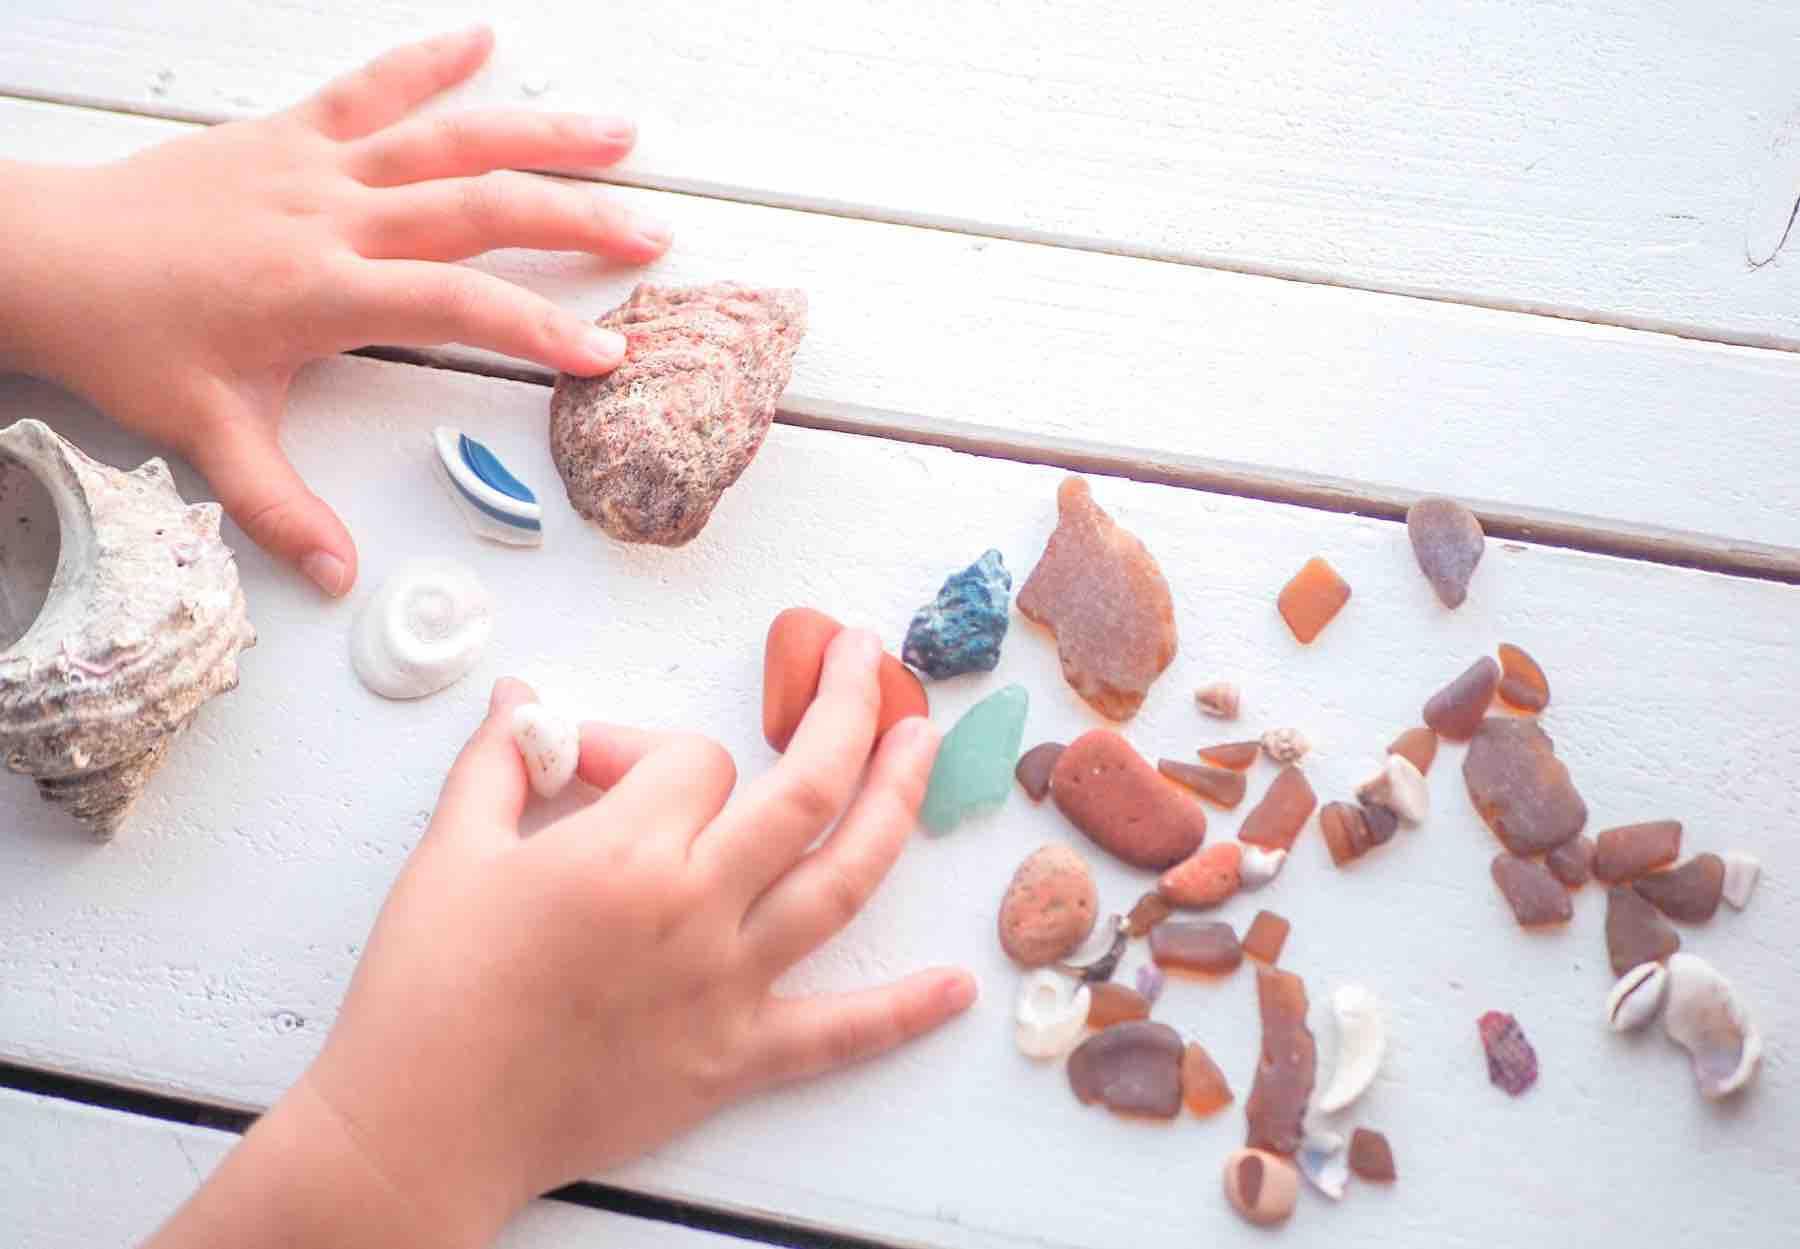 葉山の海岸で見つけた貝殻